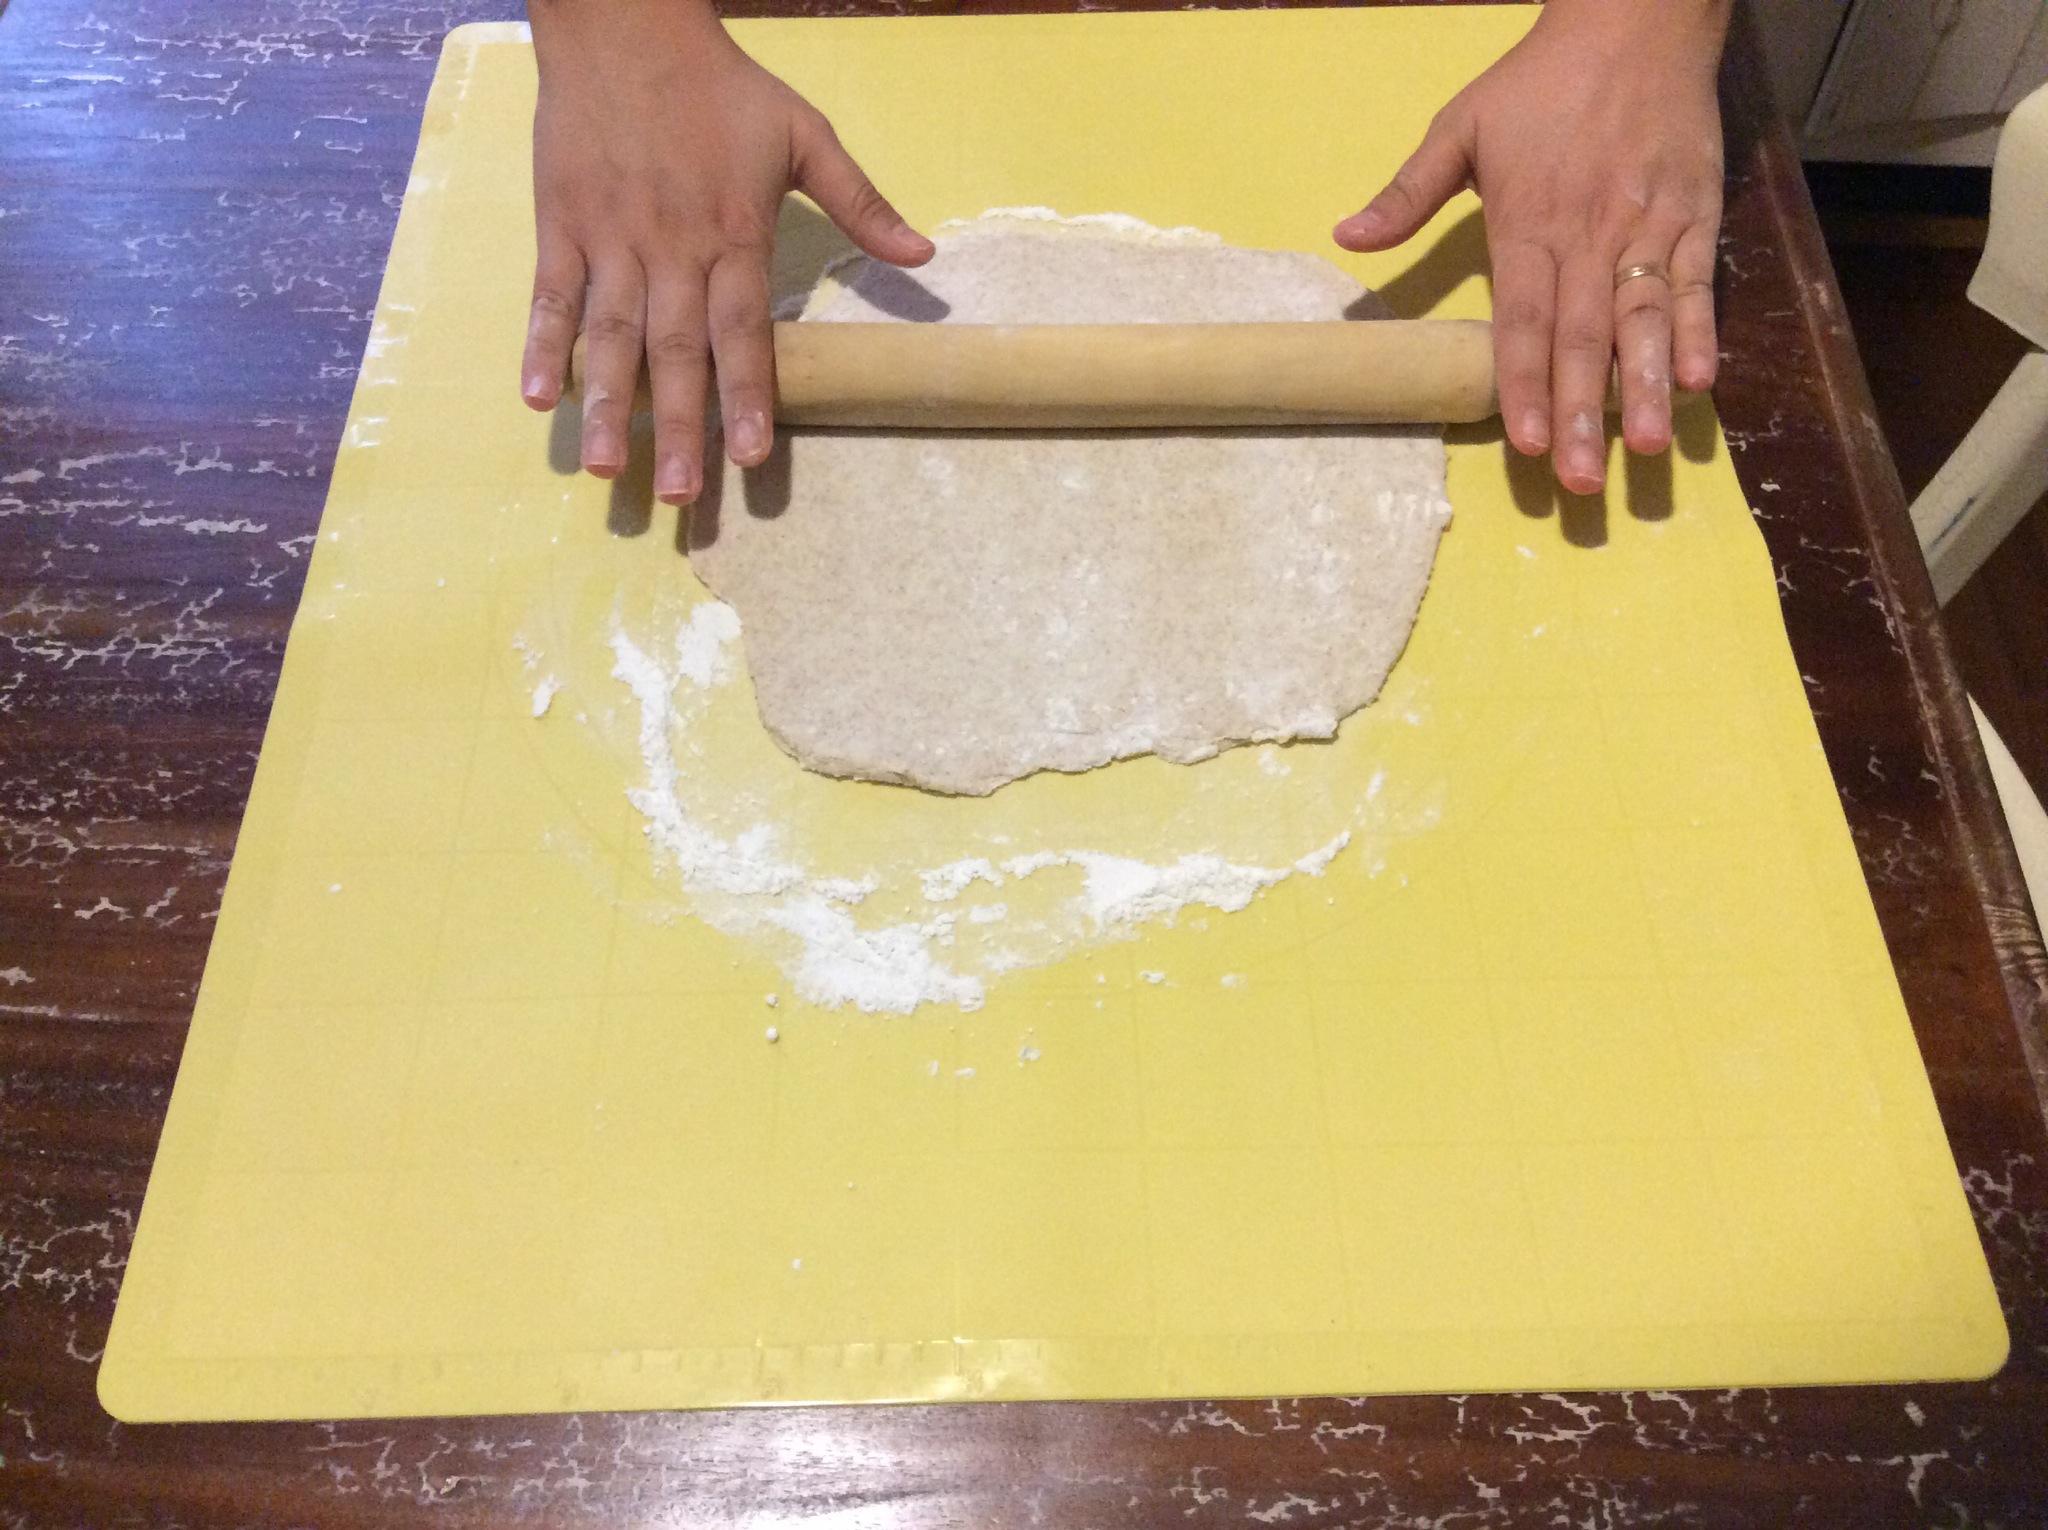 Segreti dell'impasto bimby e la cottura della pizza napoletana come stendo la pizza